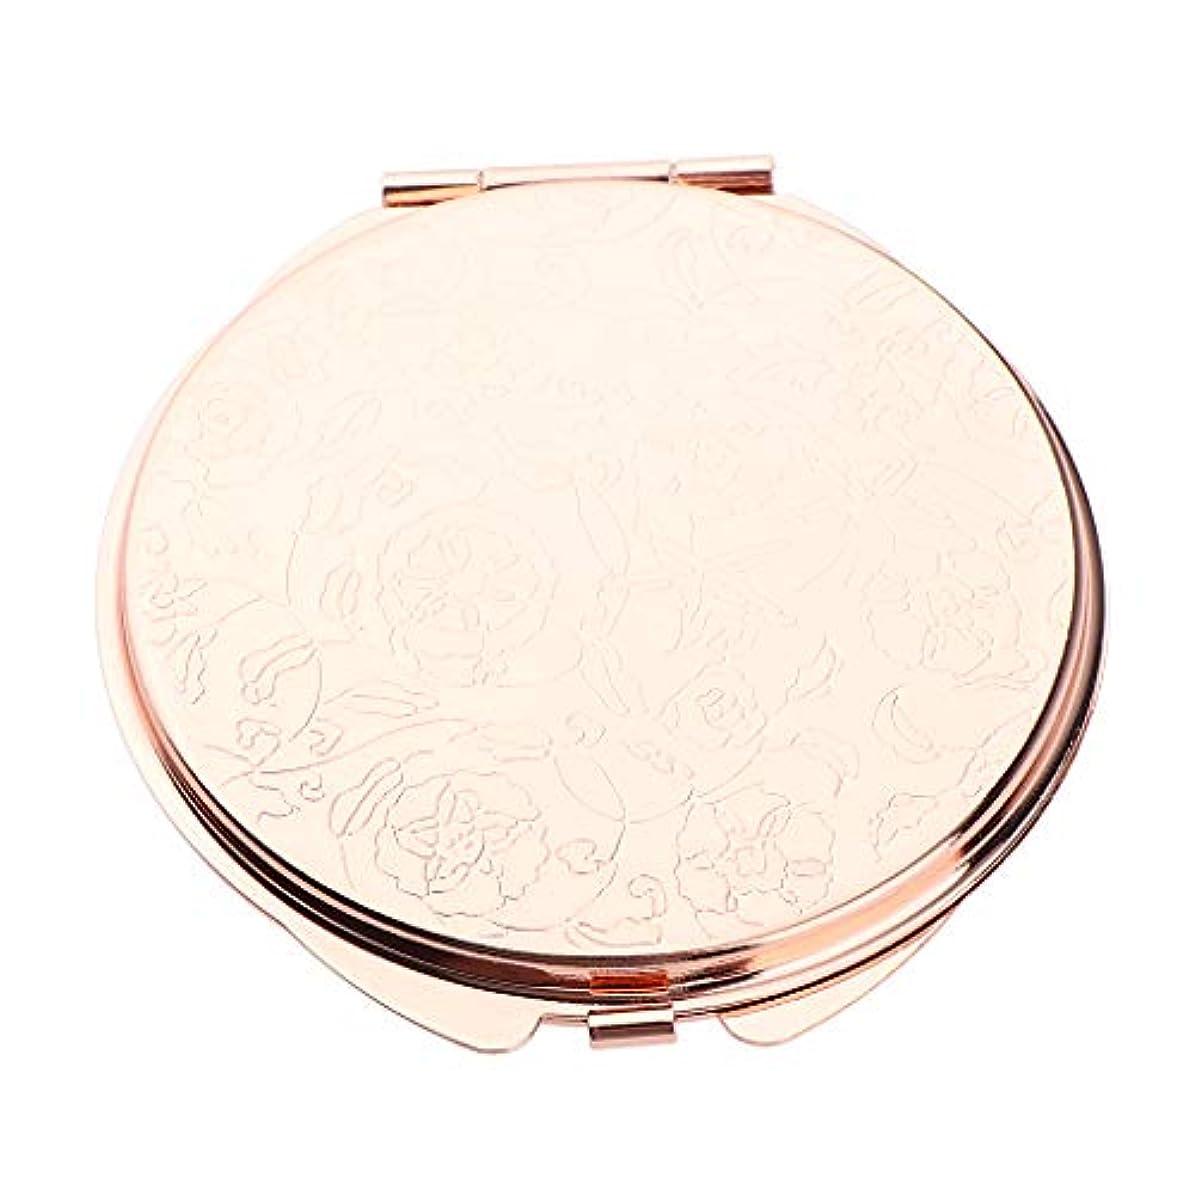 アルバムバースト苦化粧鏡 折りたたみ メイクミラー コスメミラー 円形 メイクアップミラー ポータブル 2色選べ - ローズゴールデン